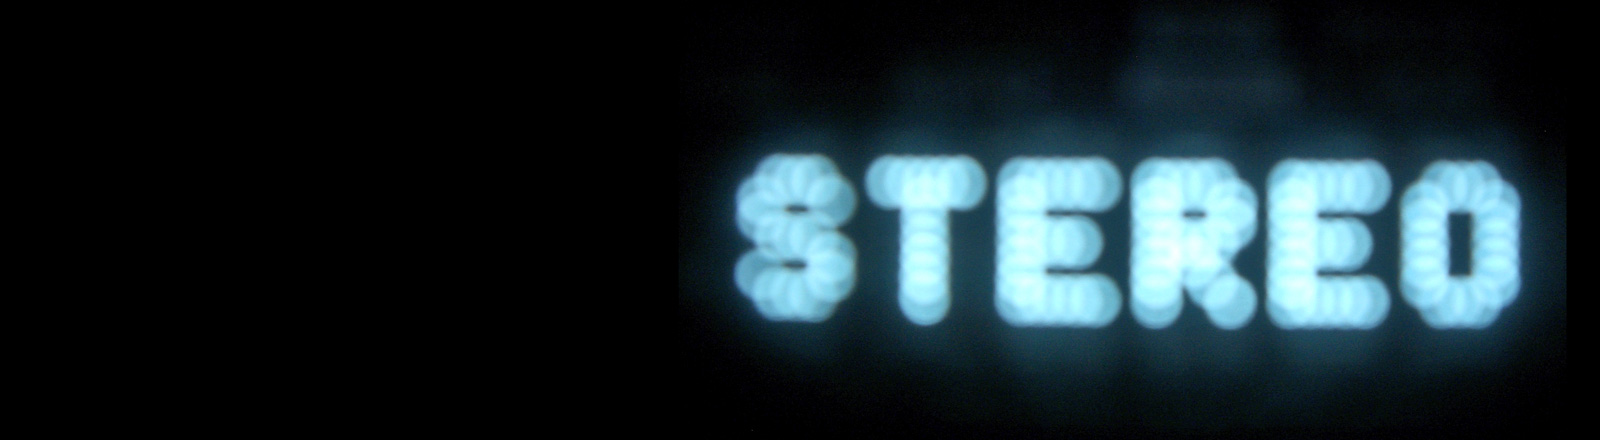 """Auf schwarzem Hintergrund steht """"Stereo"""" als digitale Anzeige."""